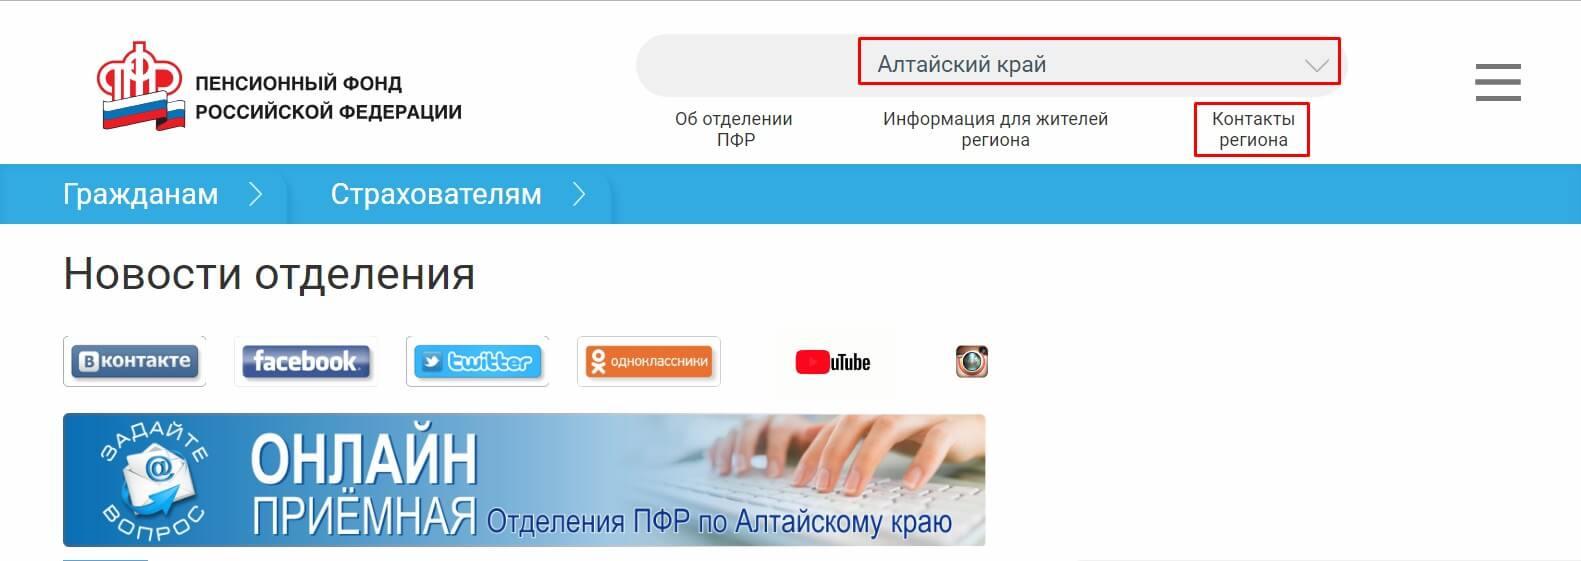 Пенсионный фонд в Ельцовском районе